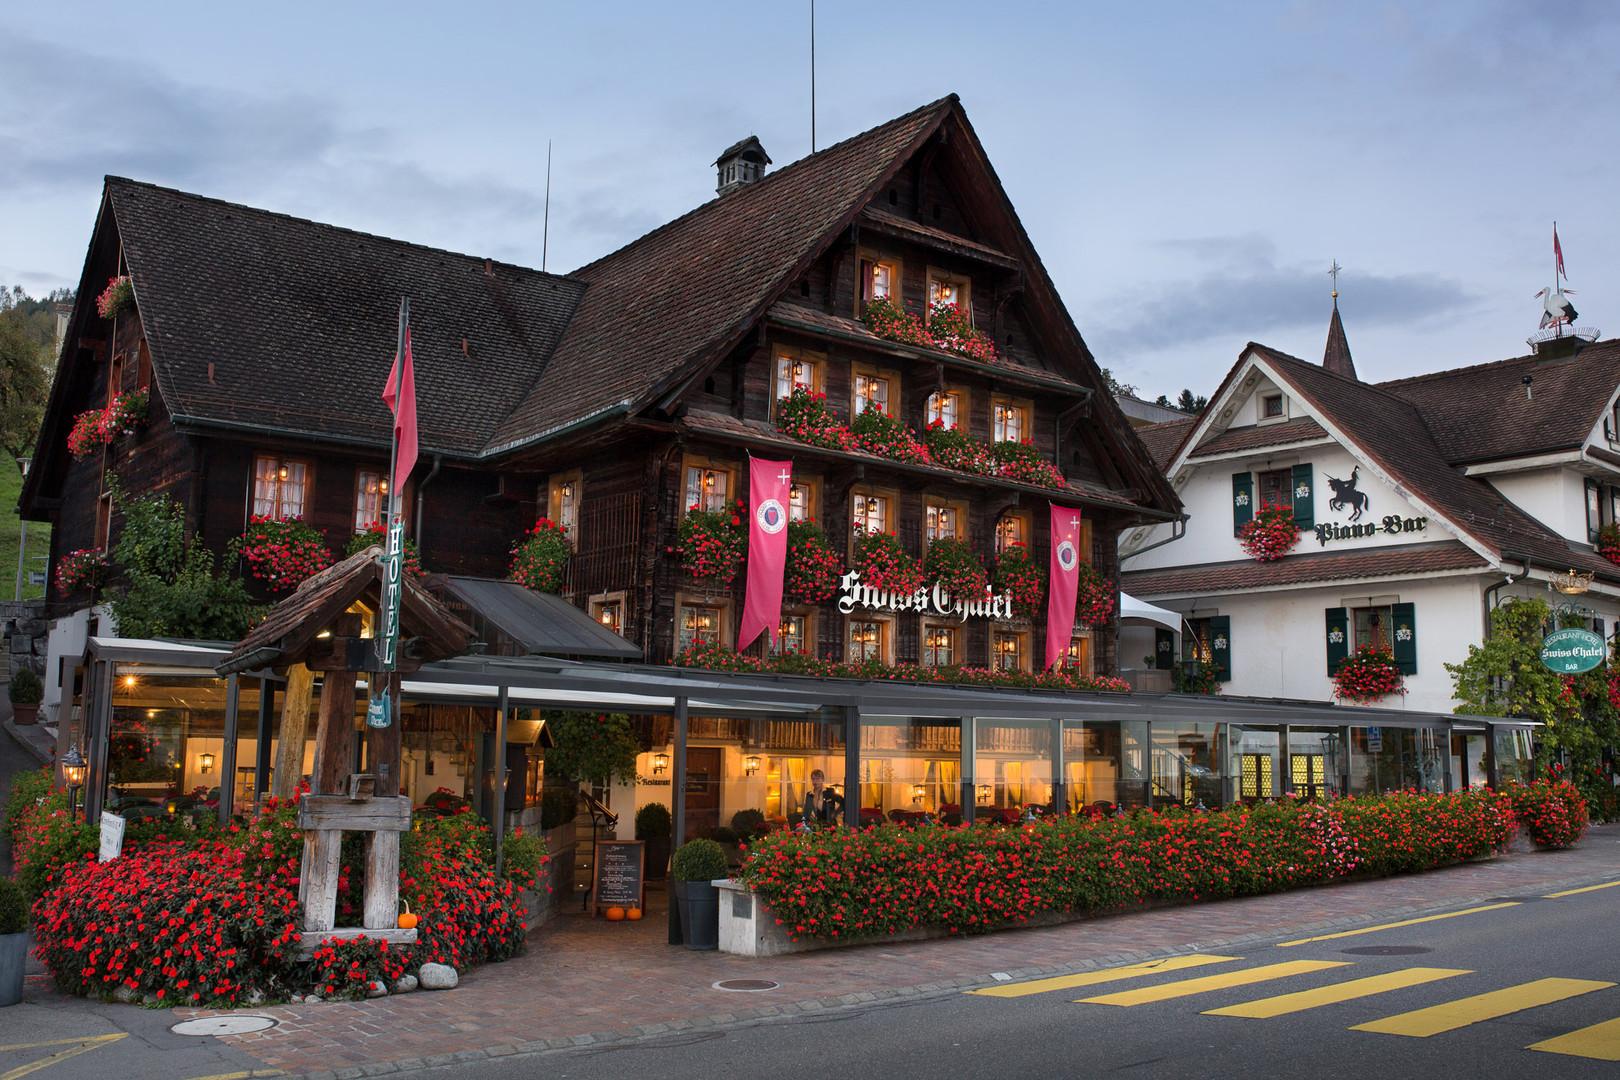 Hotelfotografie – Swiss Chalet